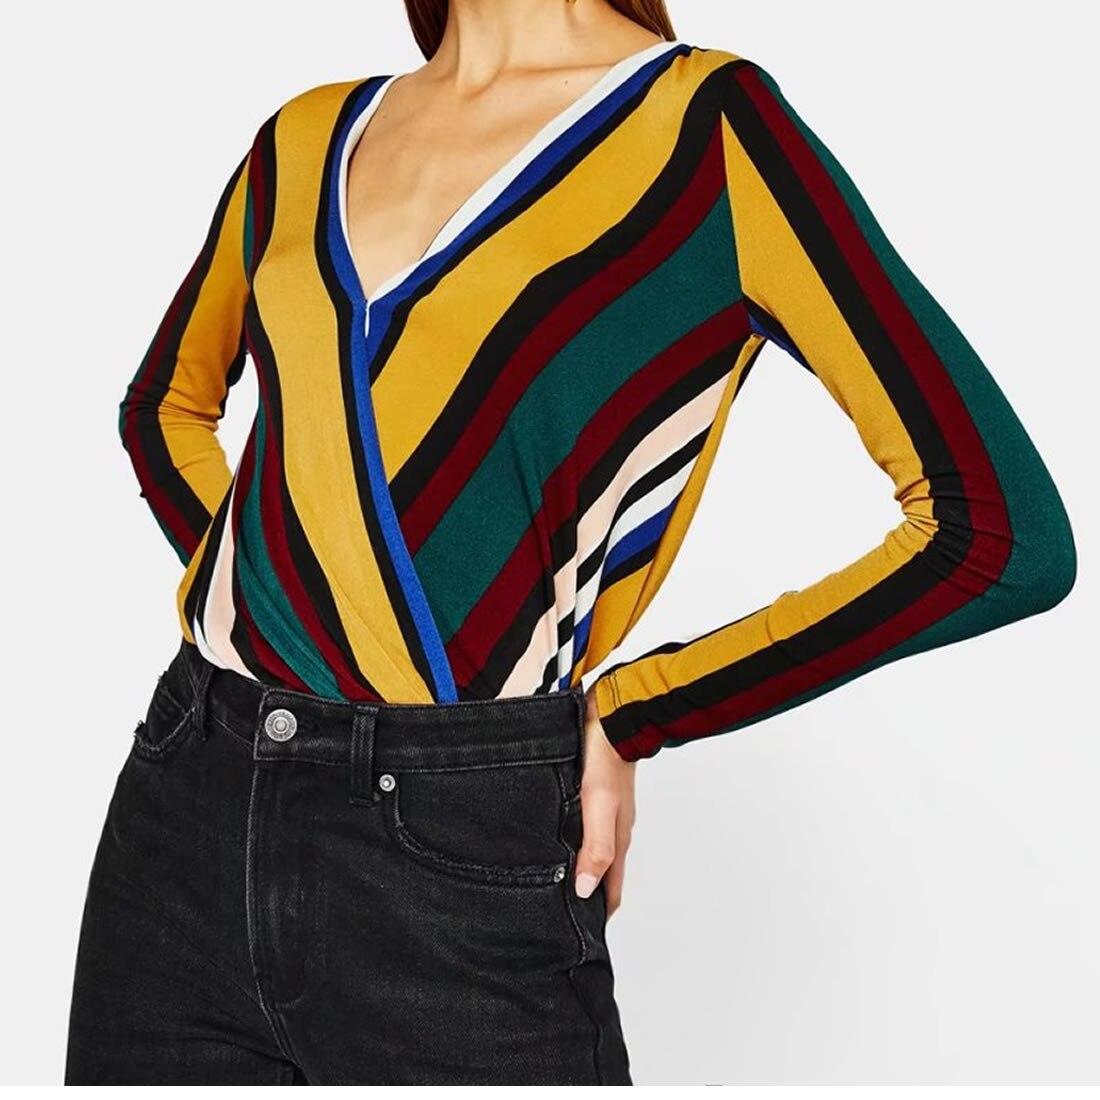 2018 Новое поступление; Летнее 2 стиля Лидер продаж желтый полосатый v-образным вырезом рубашки женский повод блузка женская одежда ...